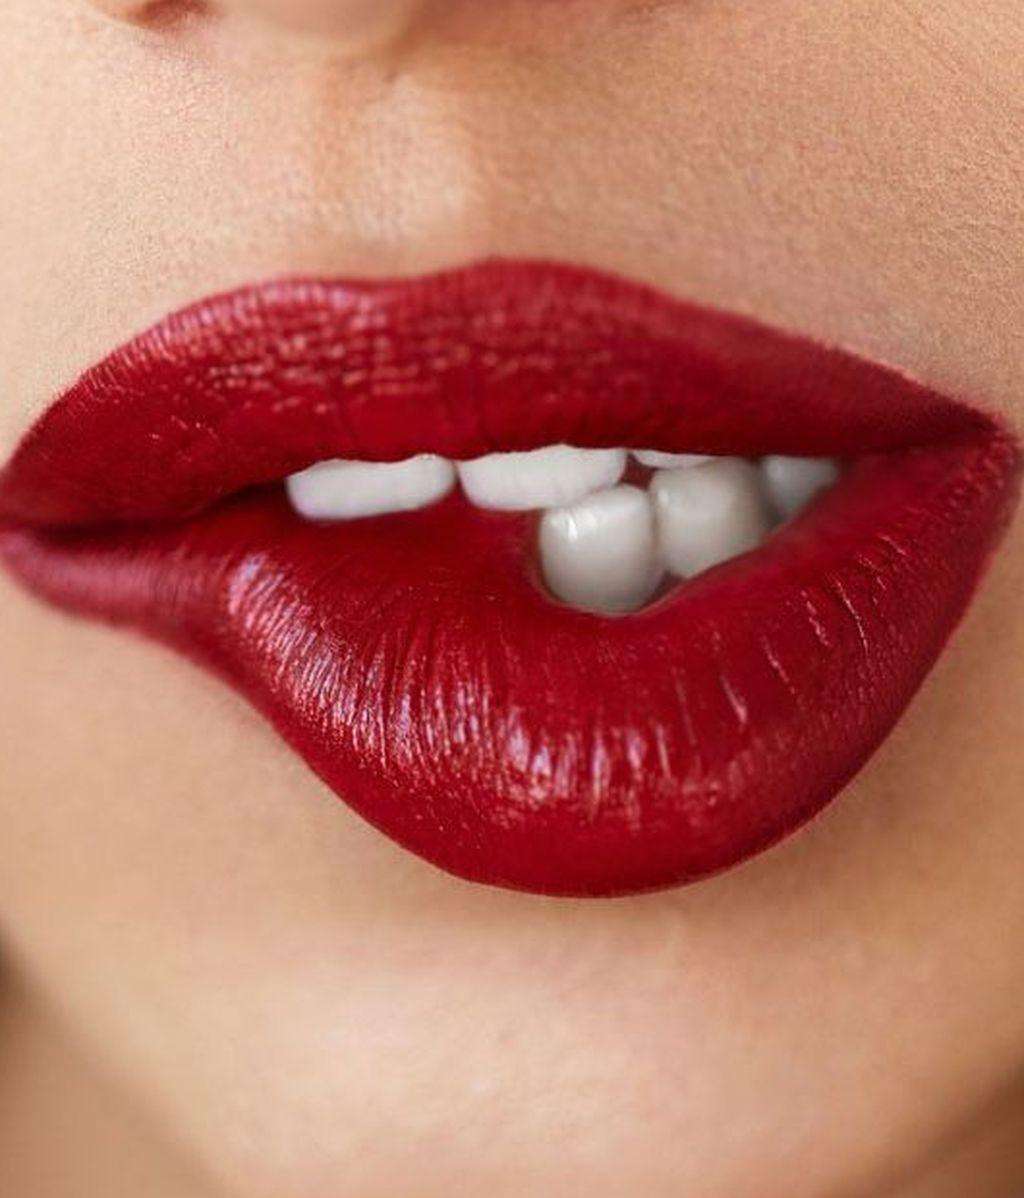 labios-rojos.jpg_296026913